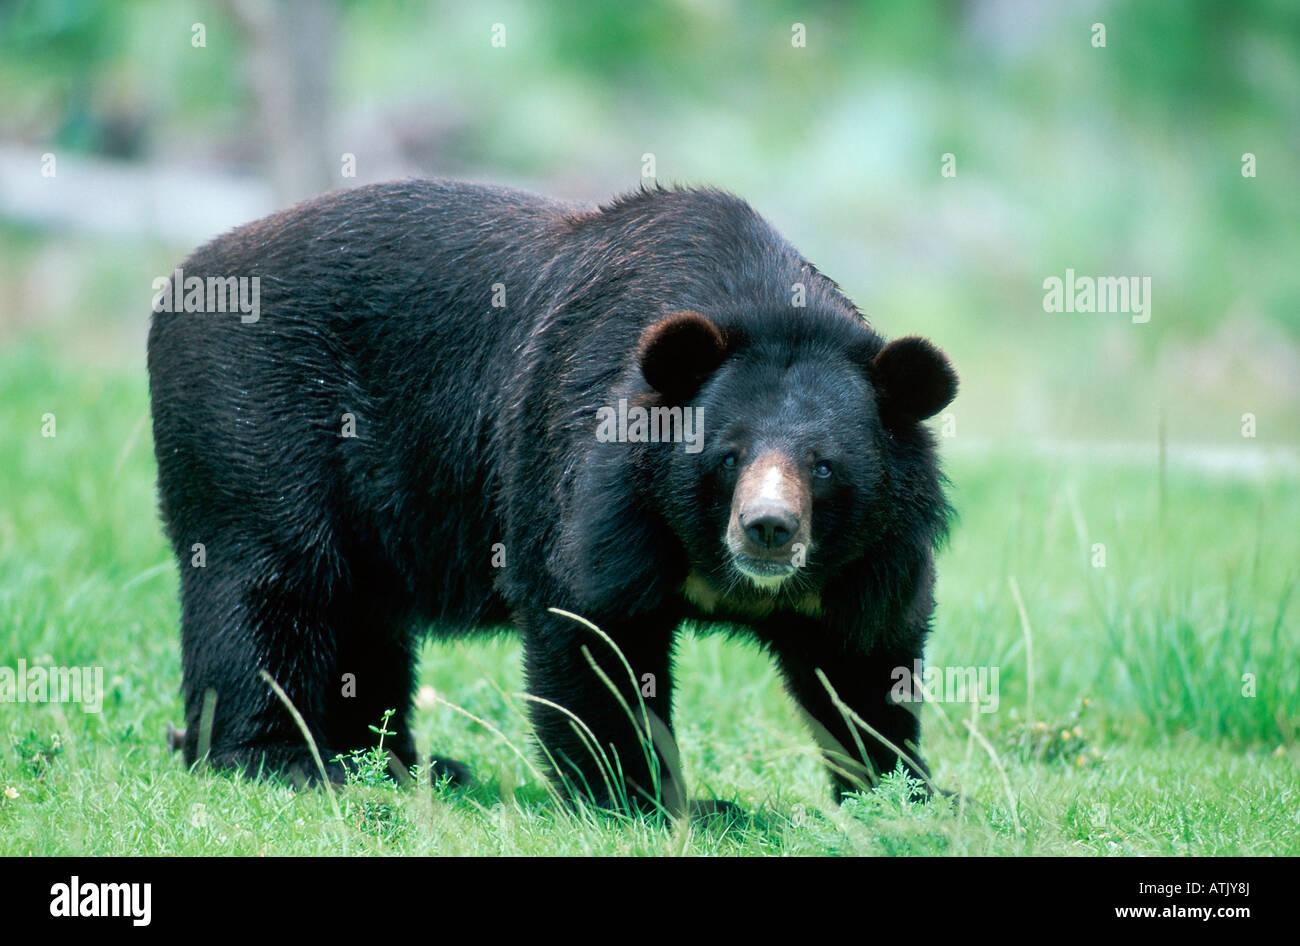 Asiatic Black Bear / Himalayan Bear / Tibetan Bear - Stock Image